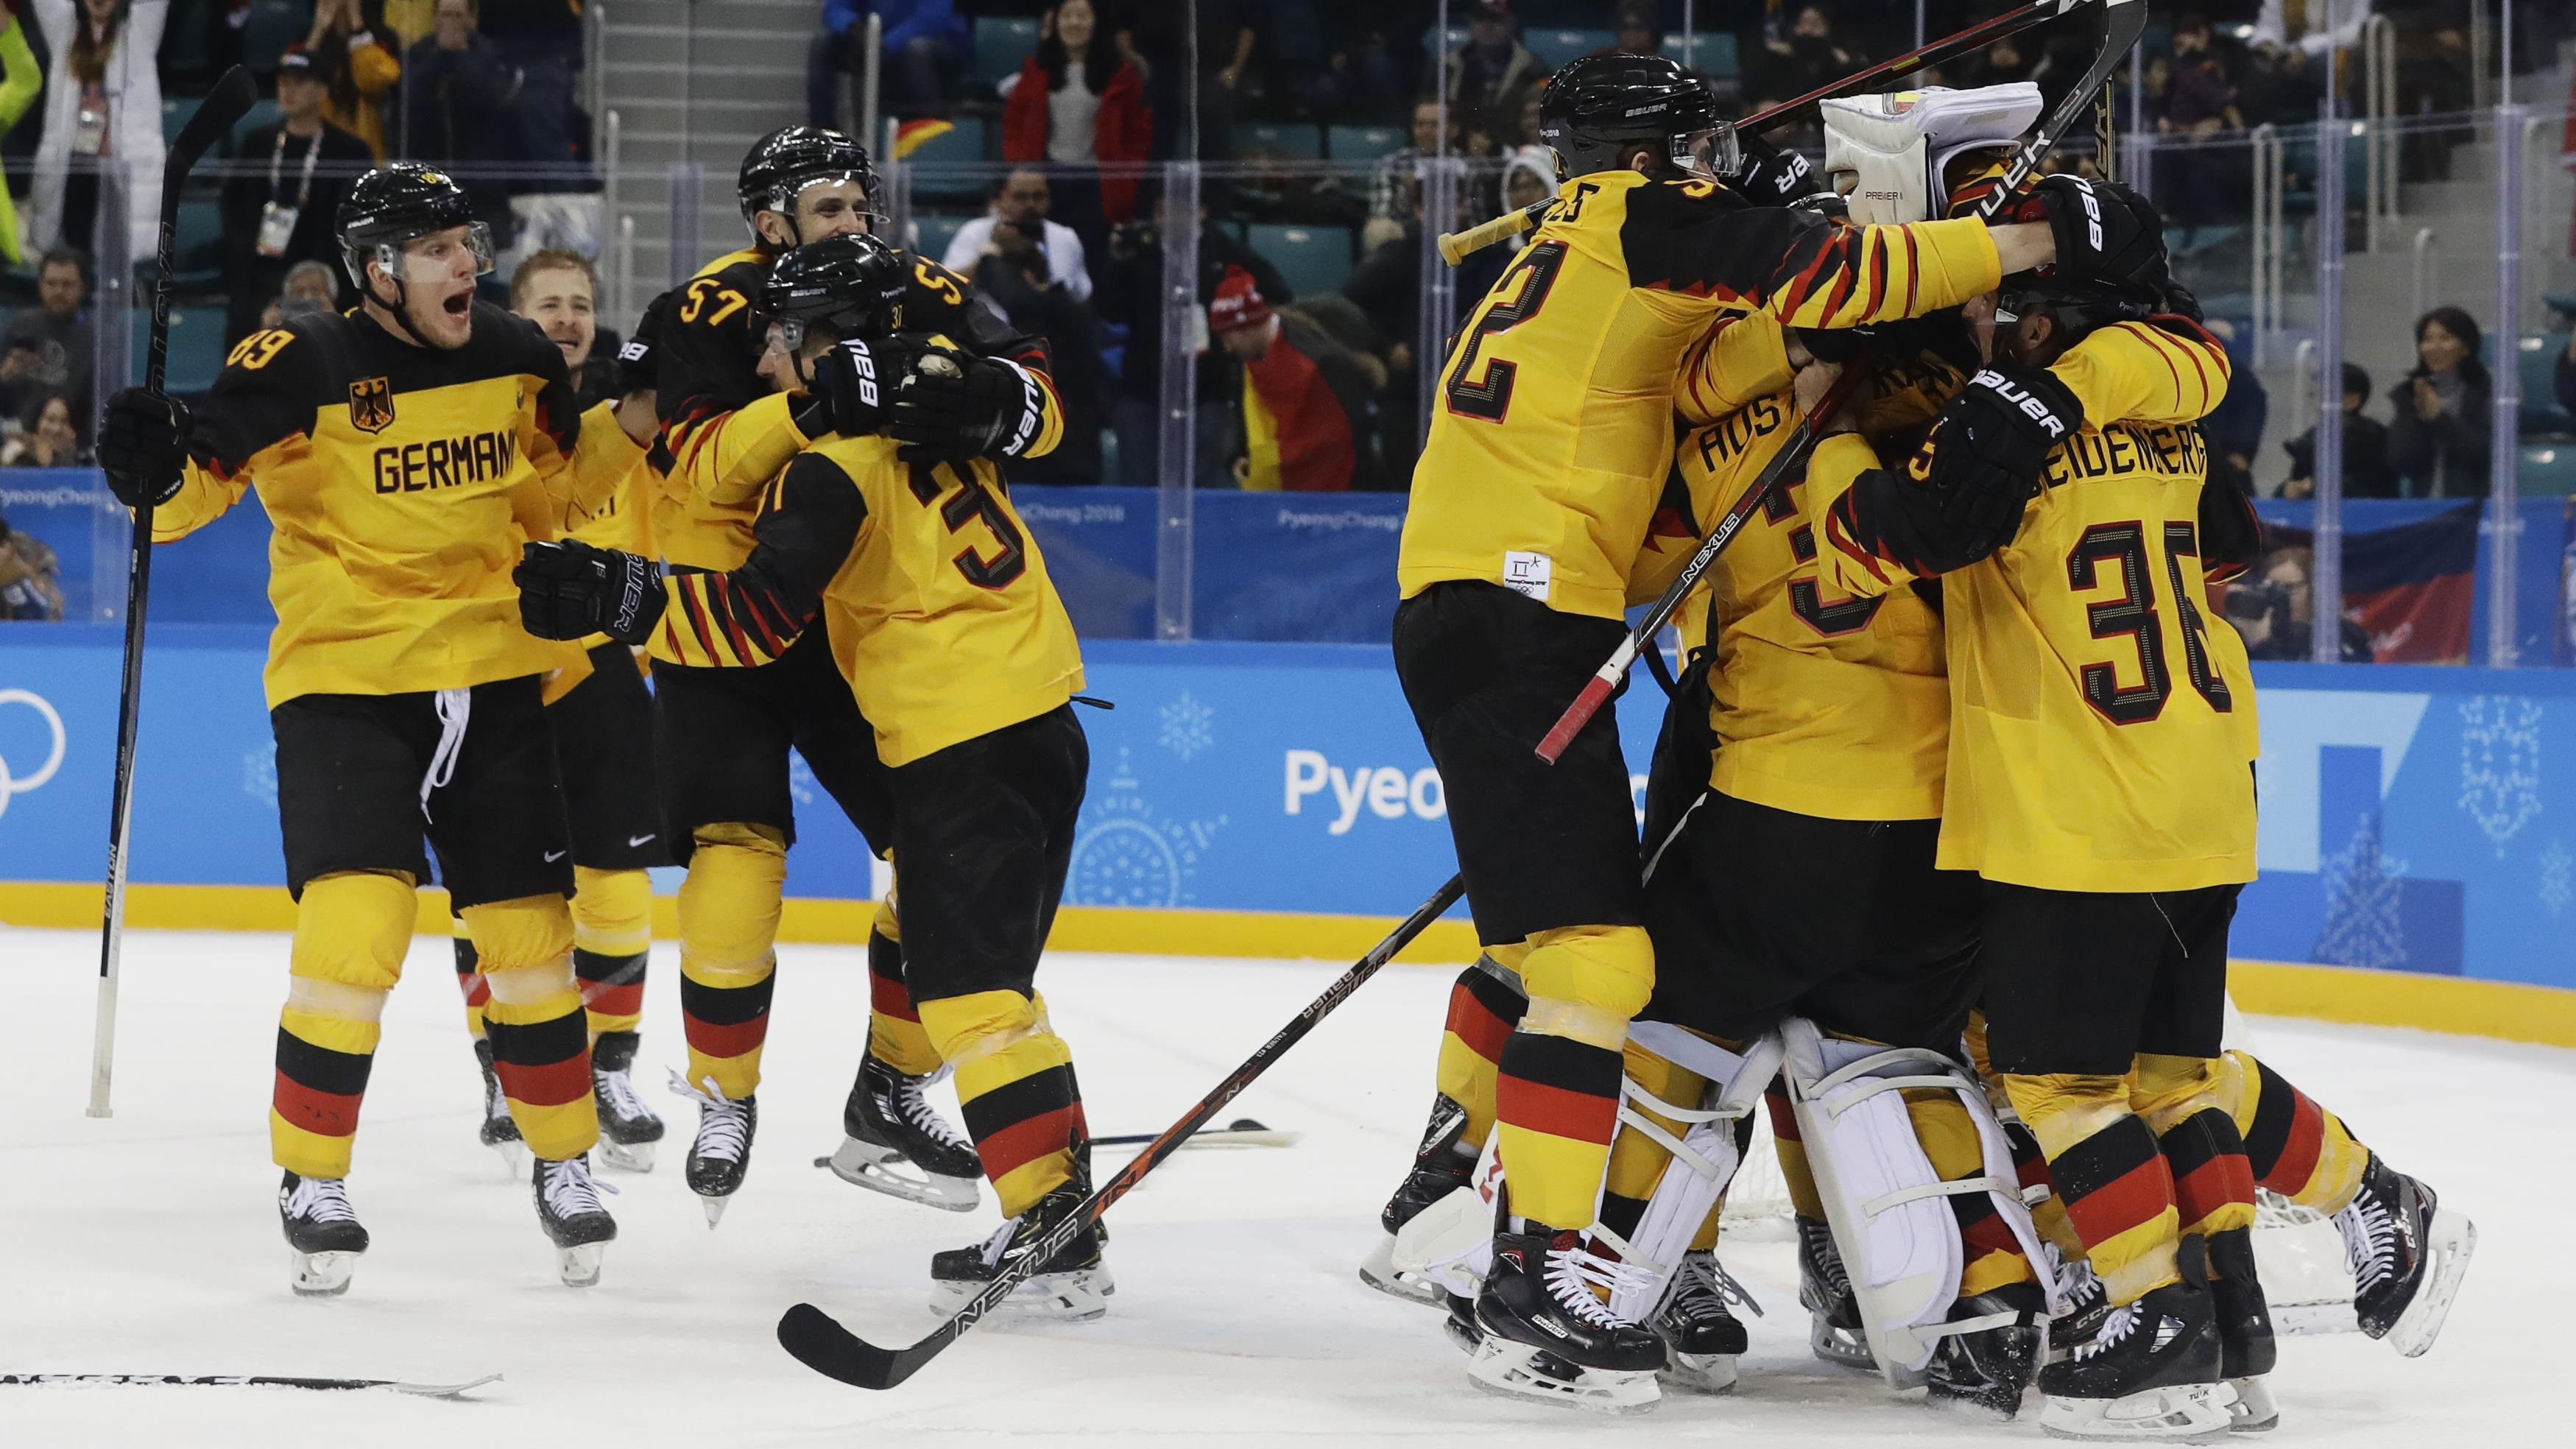 Les joueurs de l'équipe allemande se sautent dans les bras après avoir vaincu le Canada.